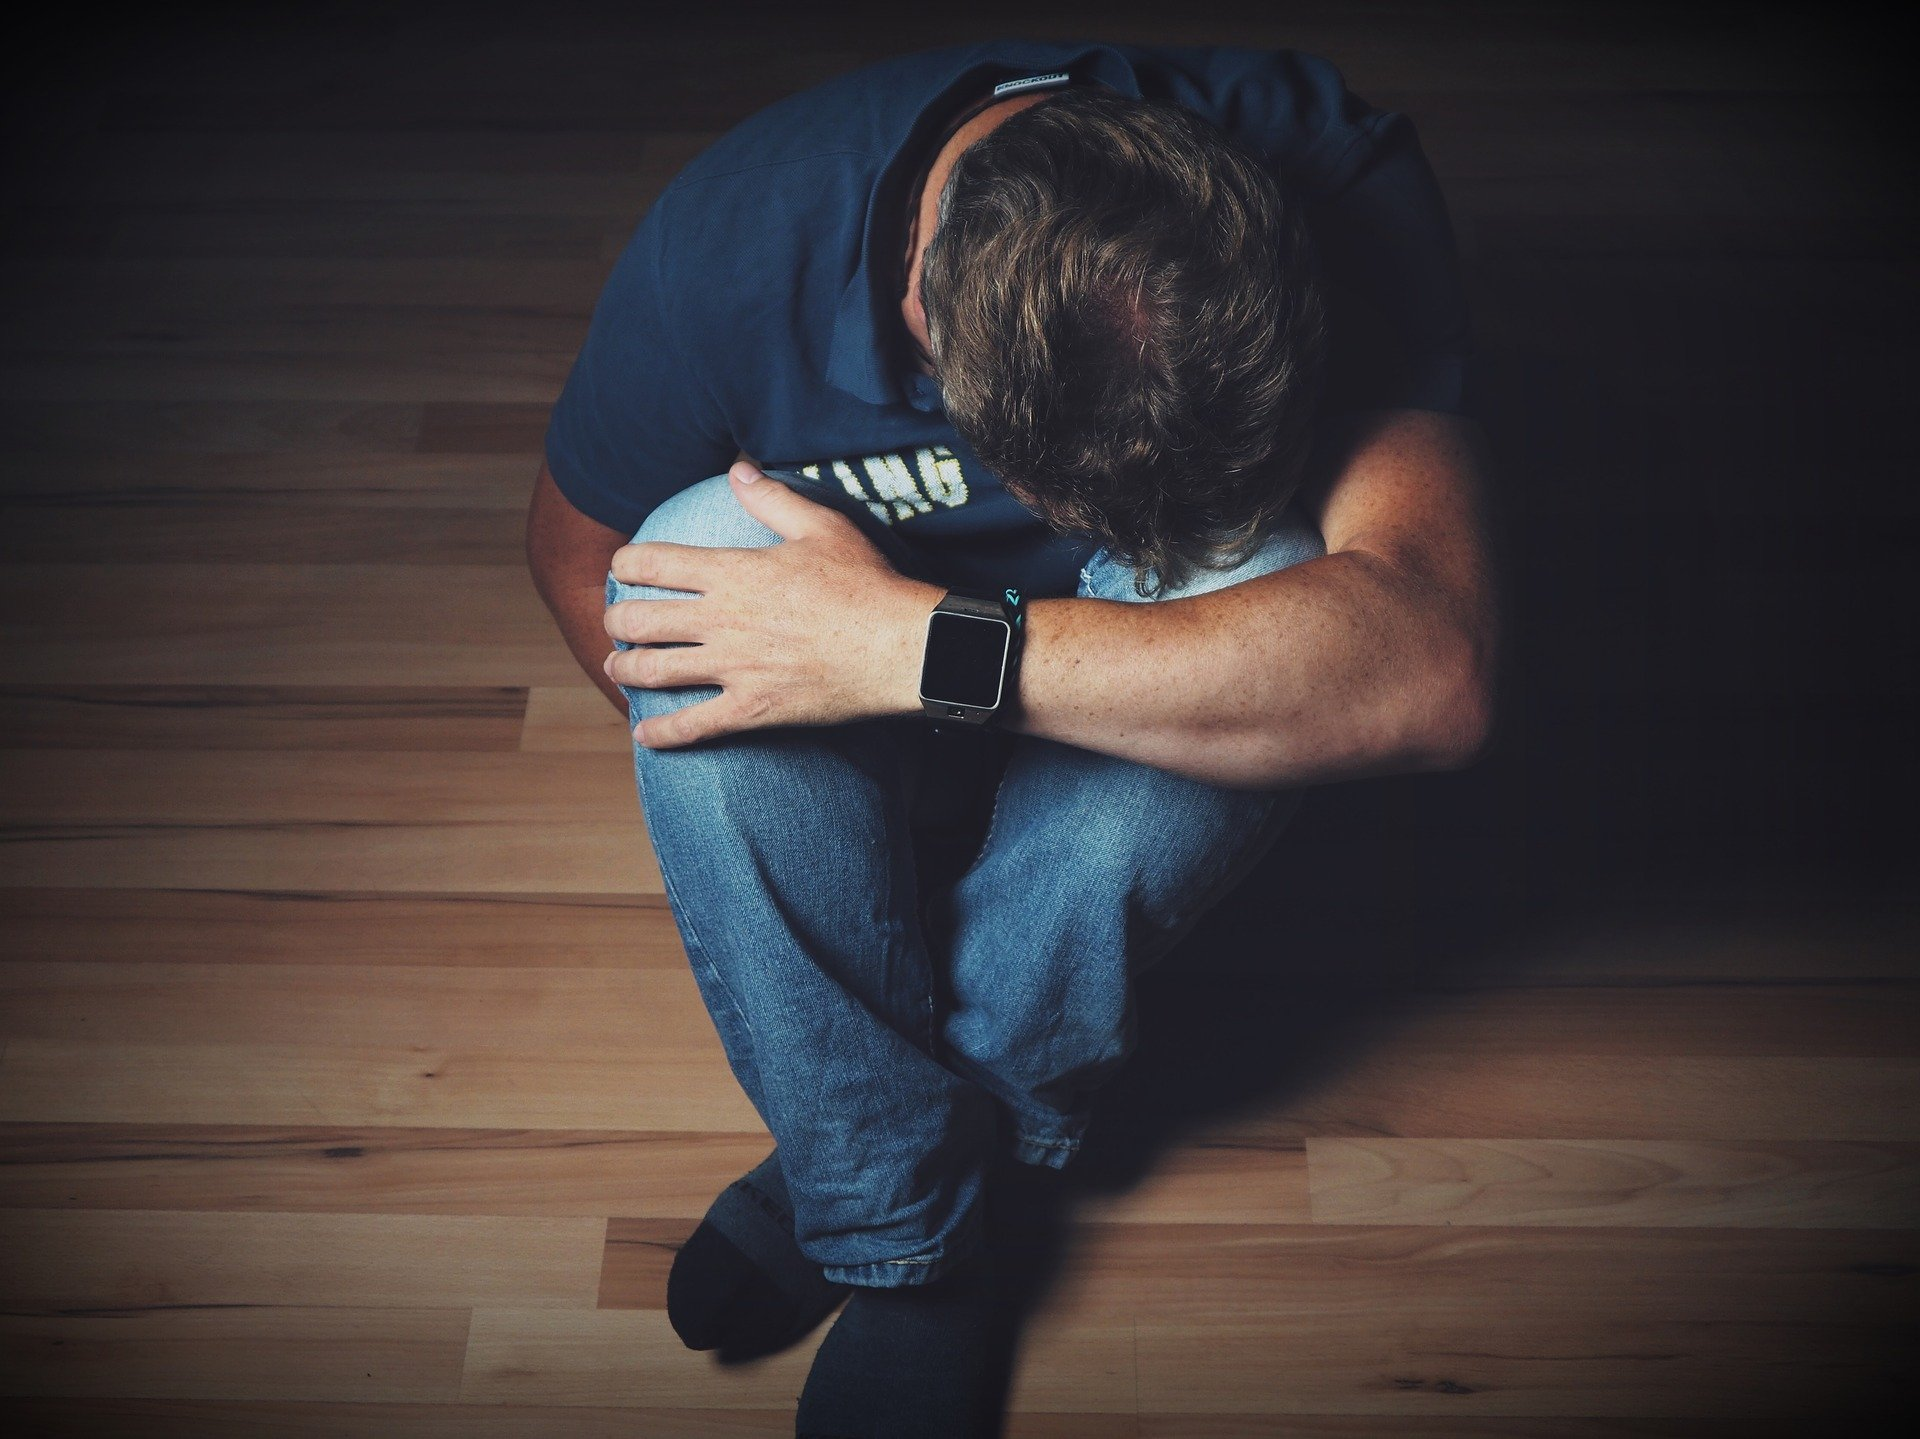 ¿Qué ayuda a salir de la depresión?